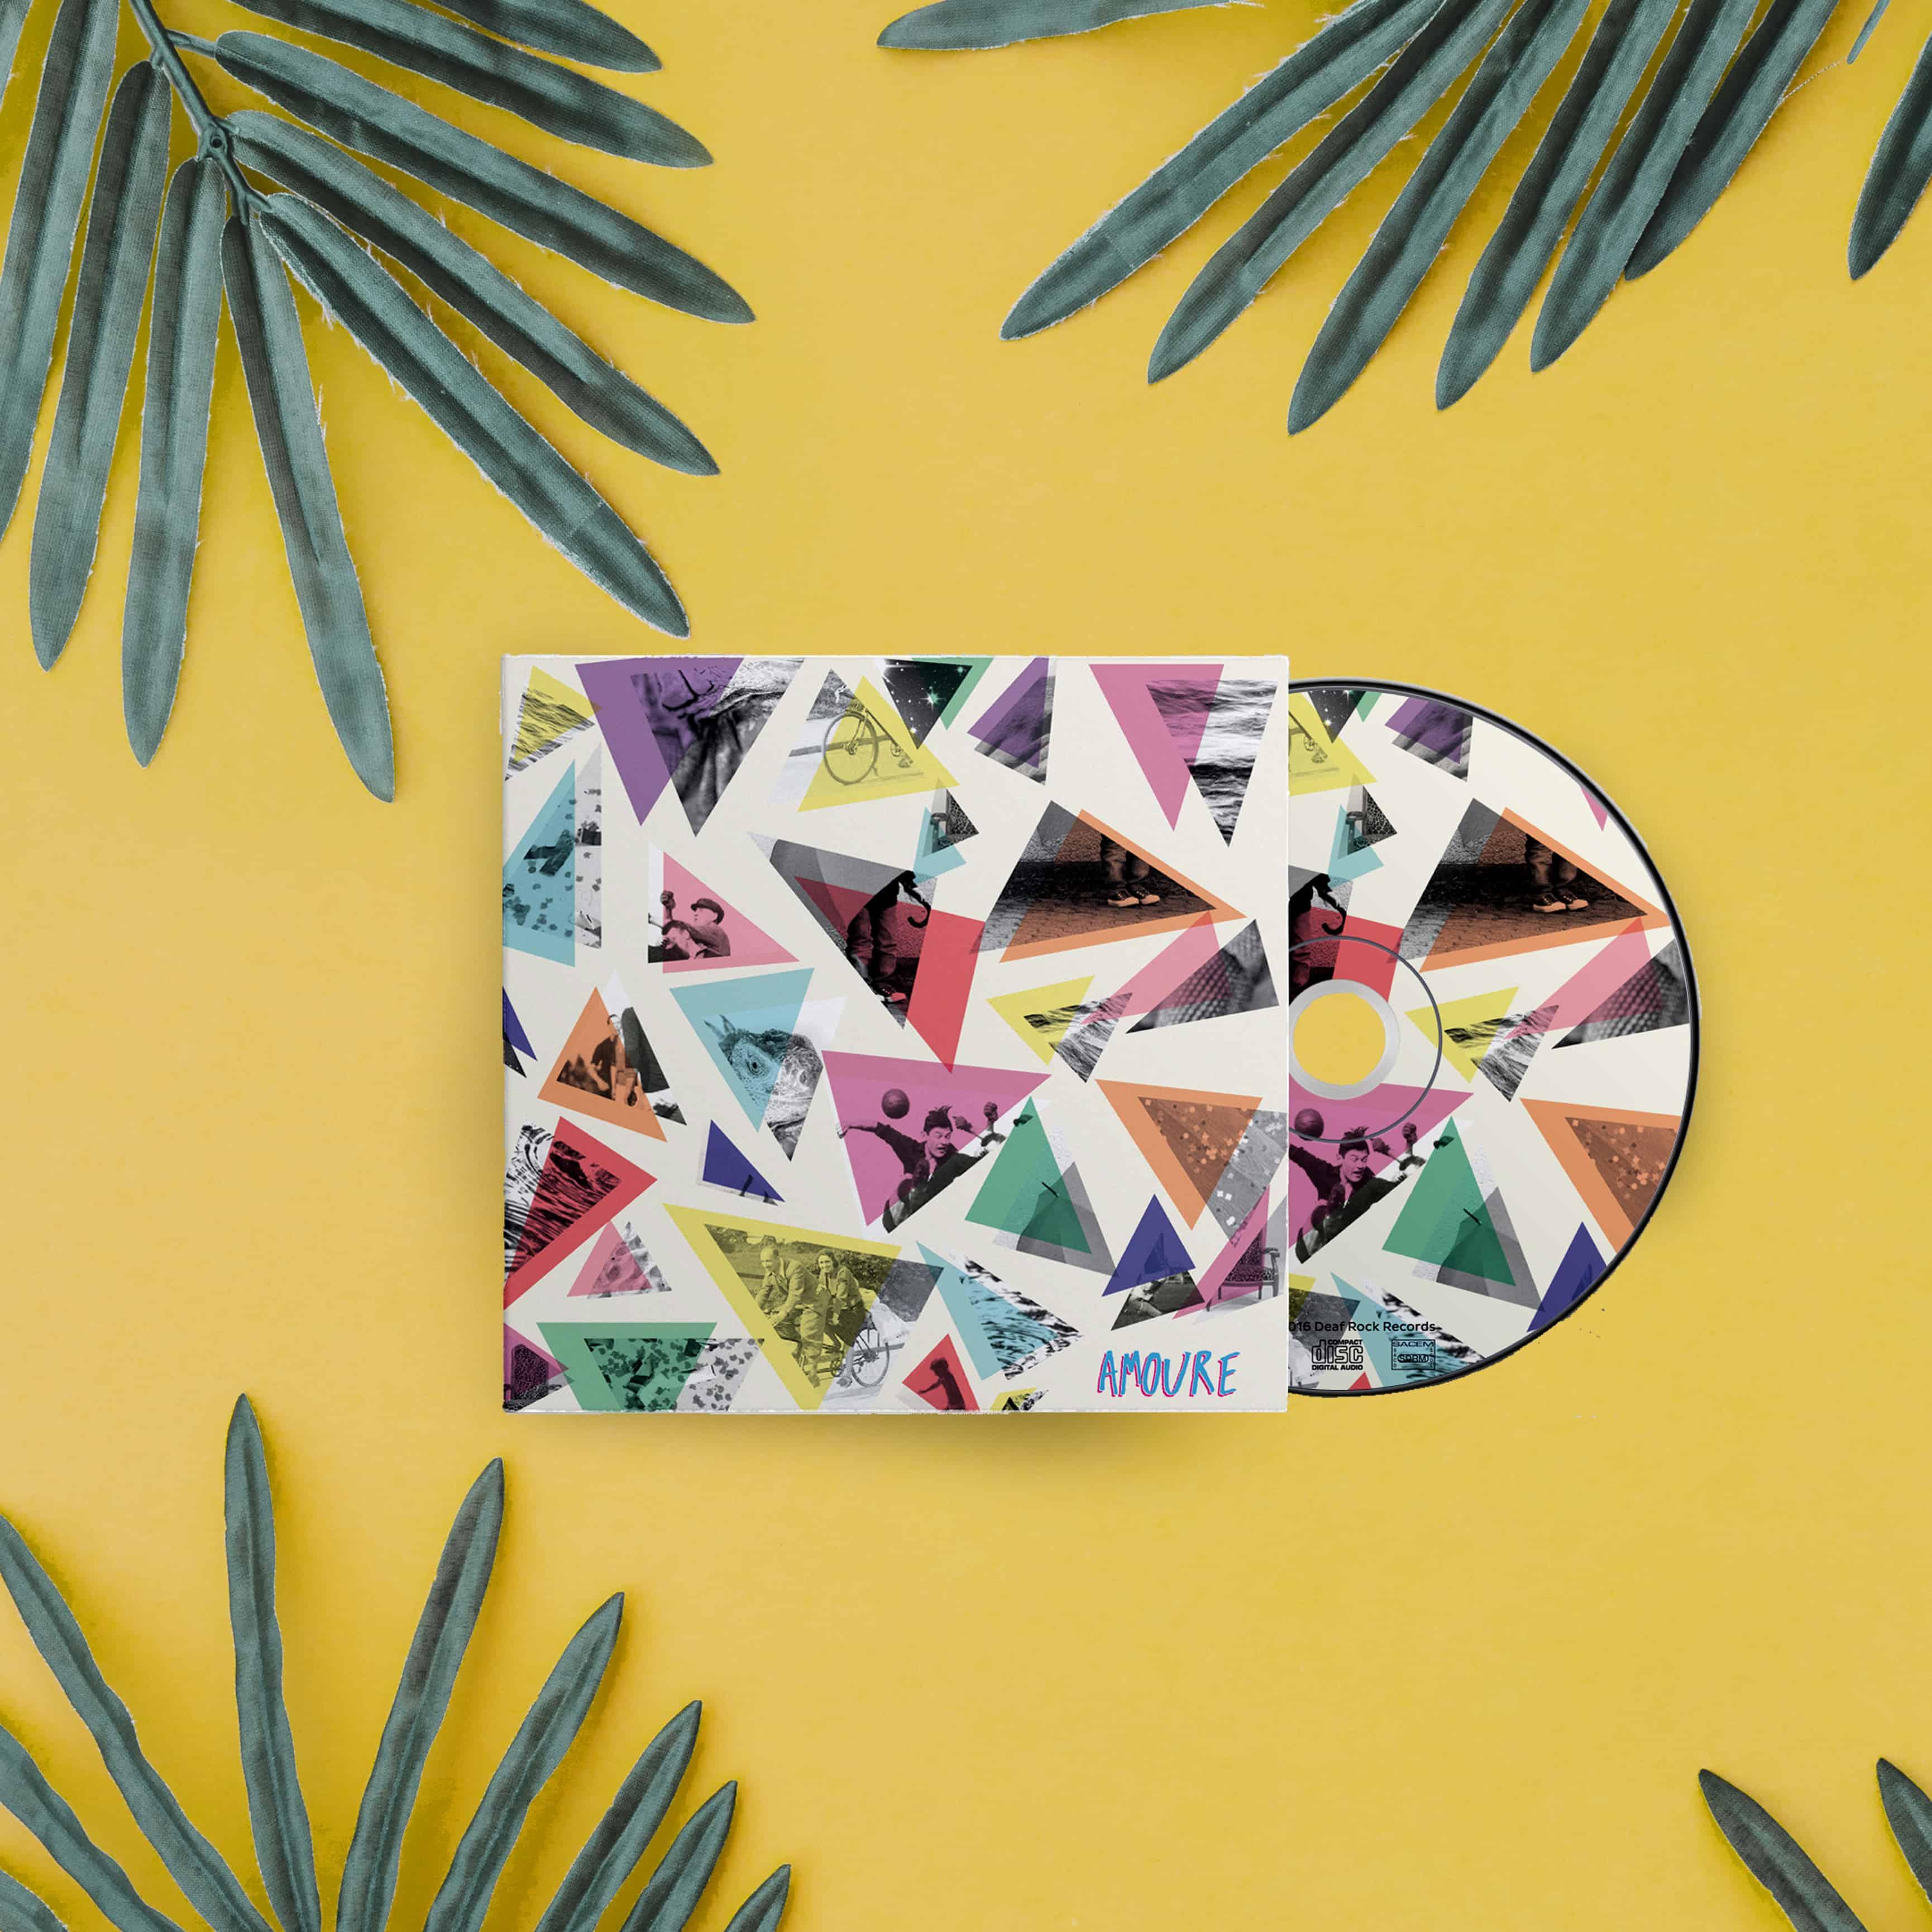 Pochette du CD d'Amoure formes triangulaires et photo noir et blanc